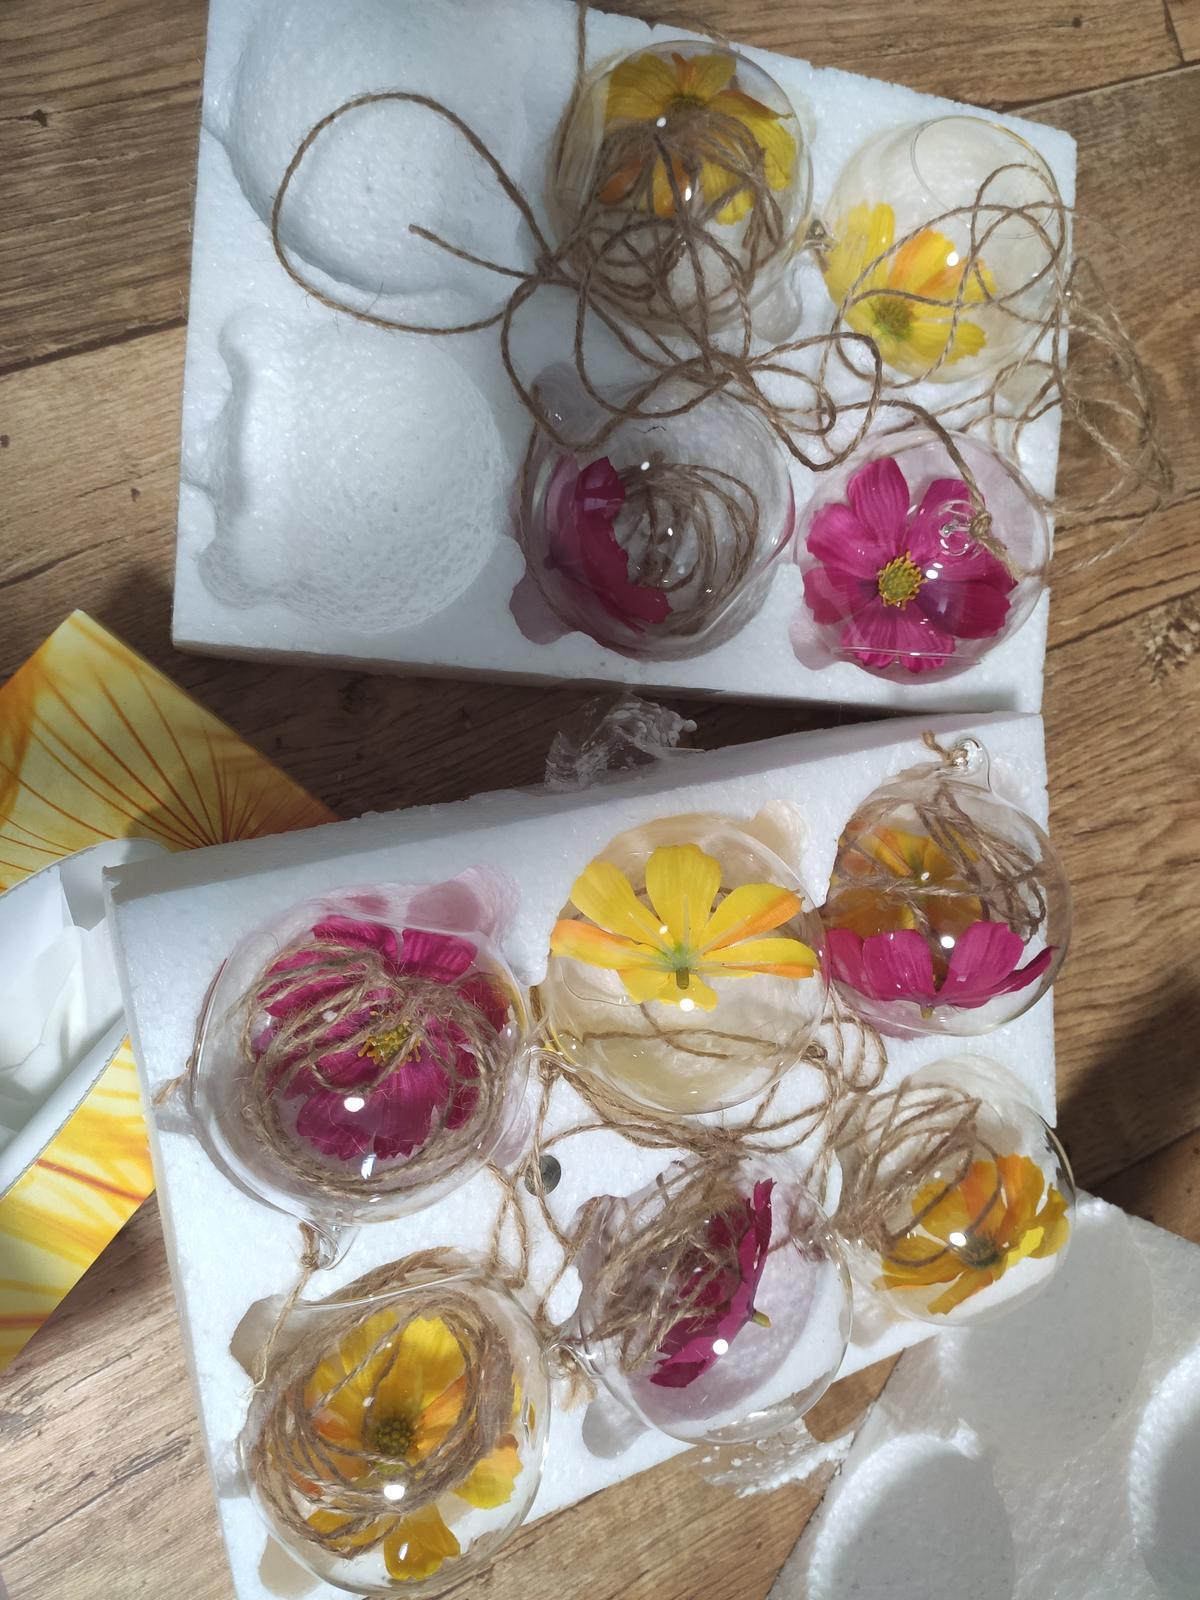 Baňky na svíčky nebo kytky na zavěšení - Obrázek č. 1